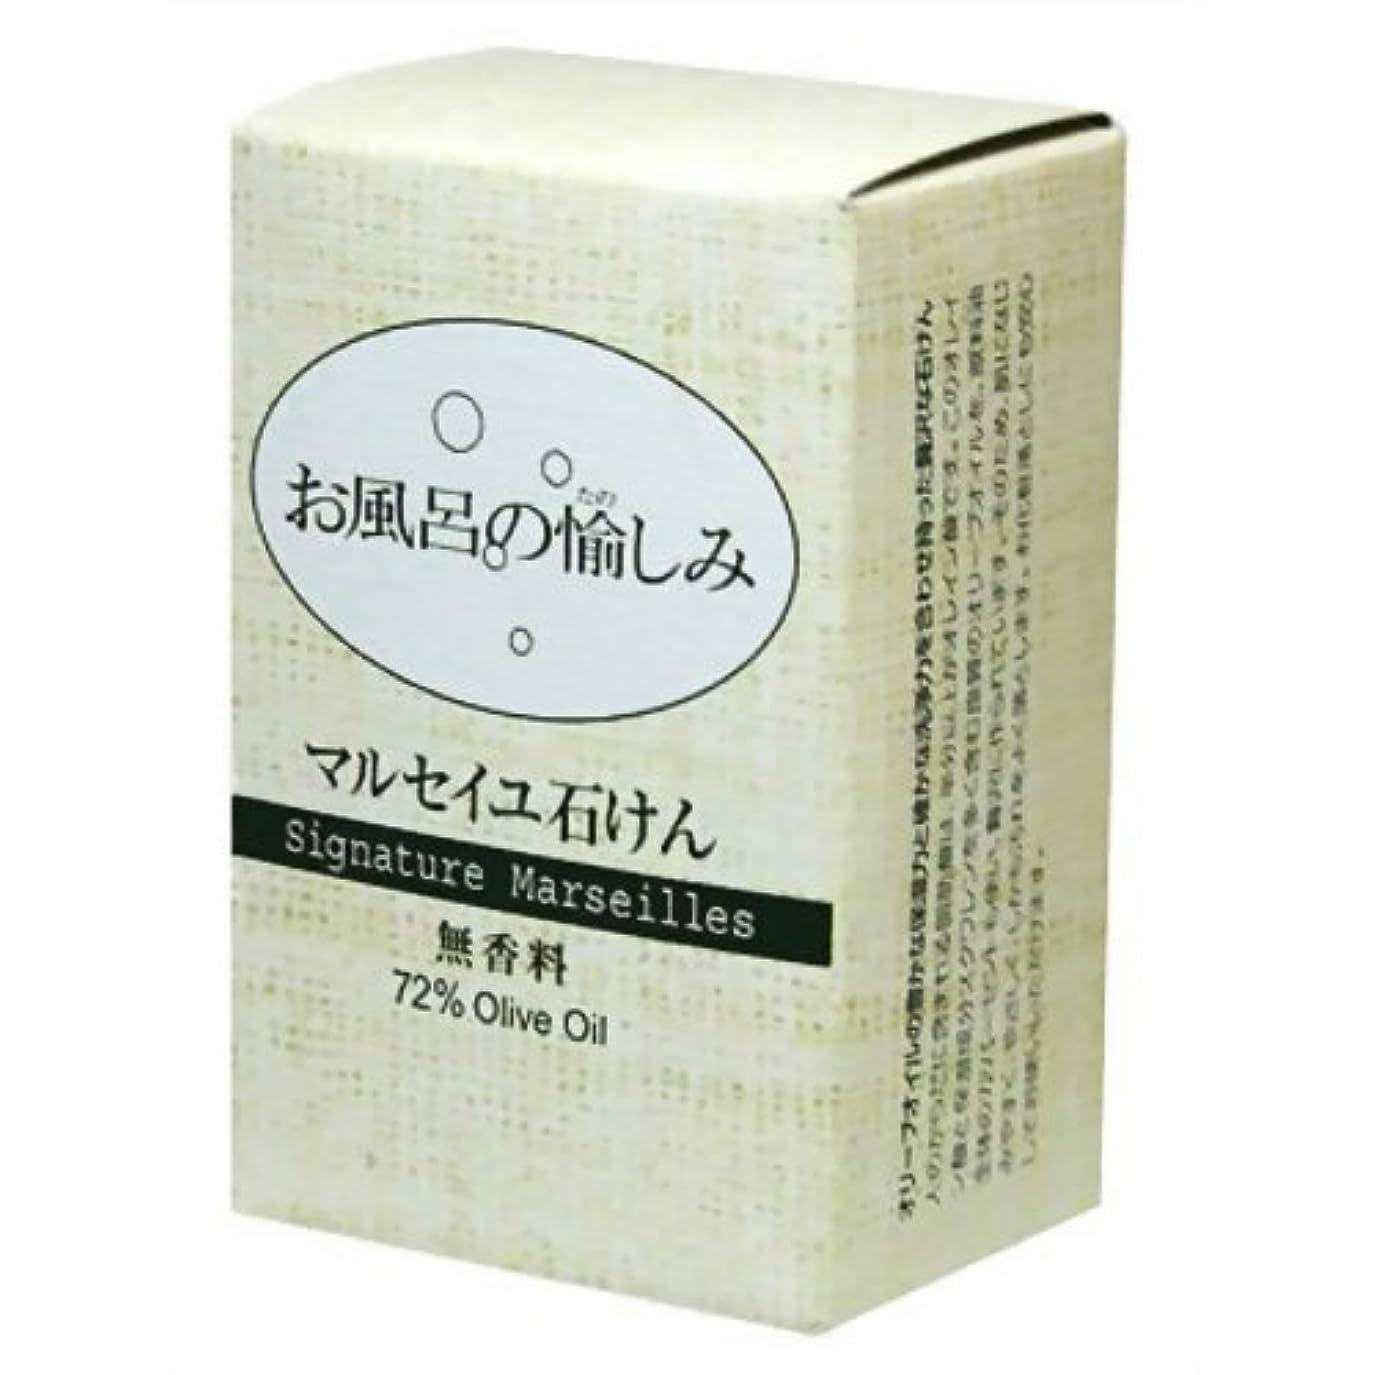 リファインいつも簡単にお風呂の愉しみ マルセイユ石鹸 (無香料)